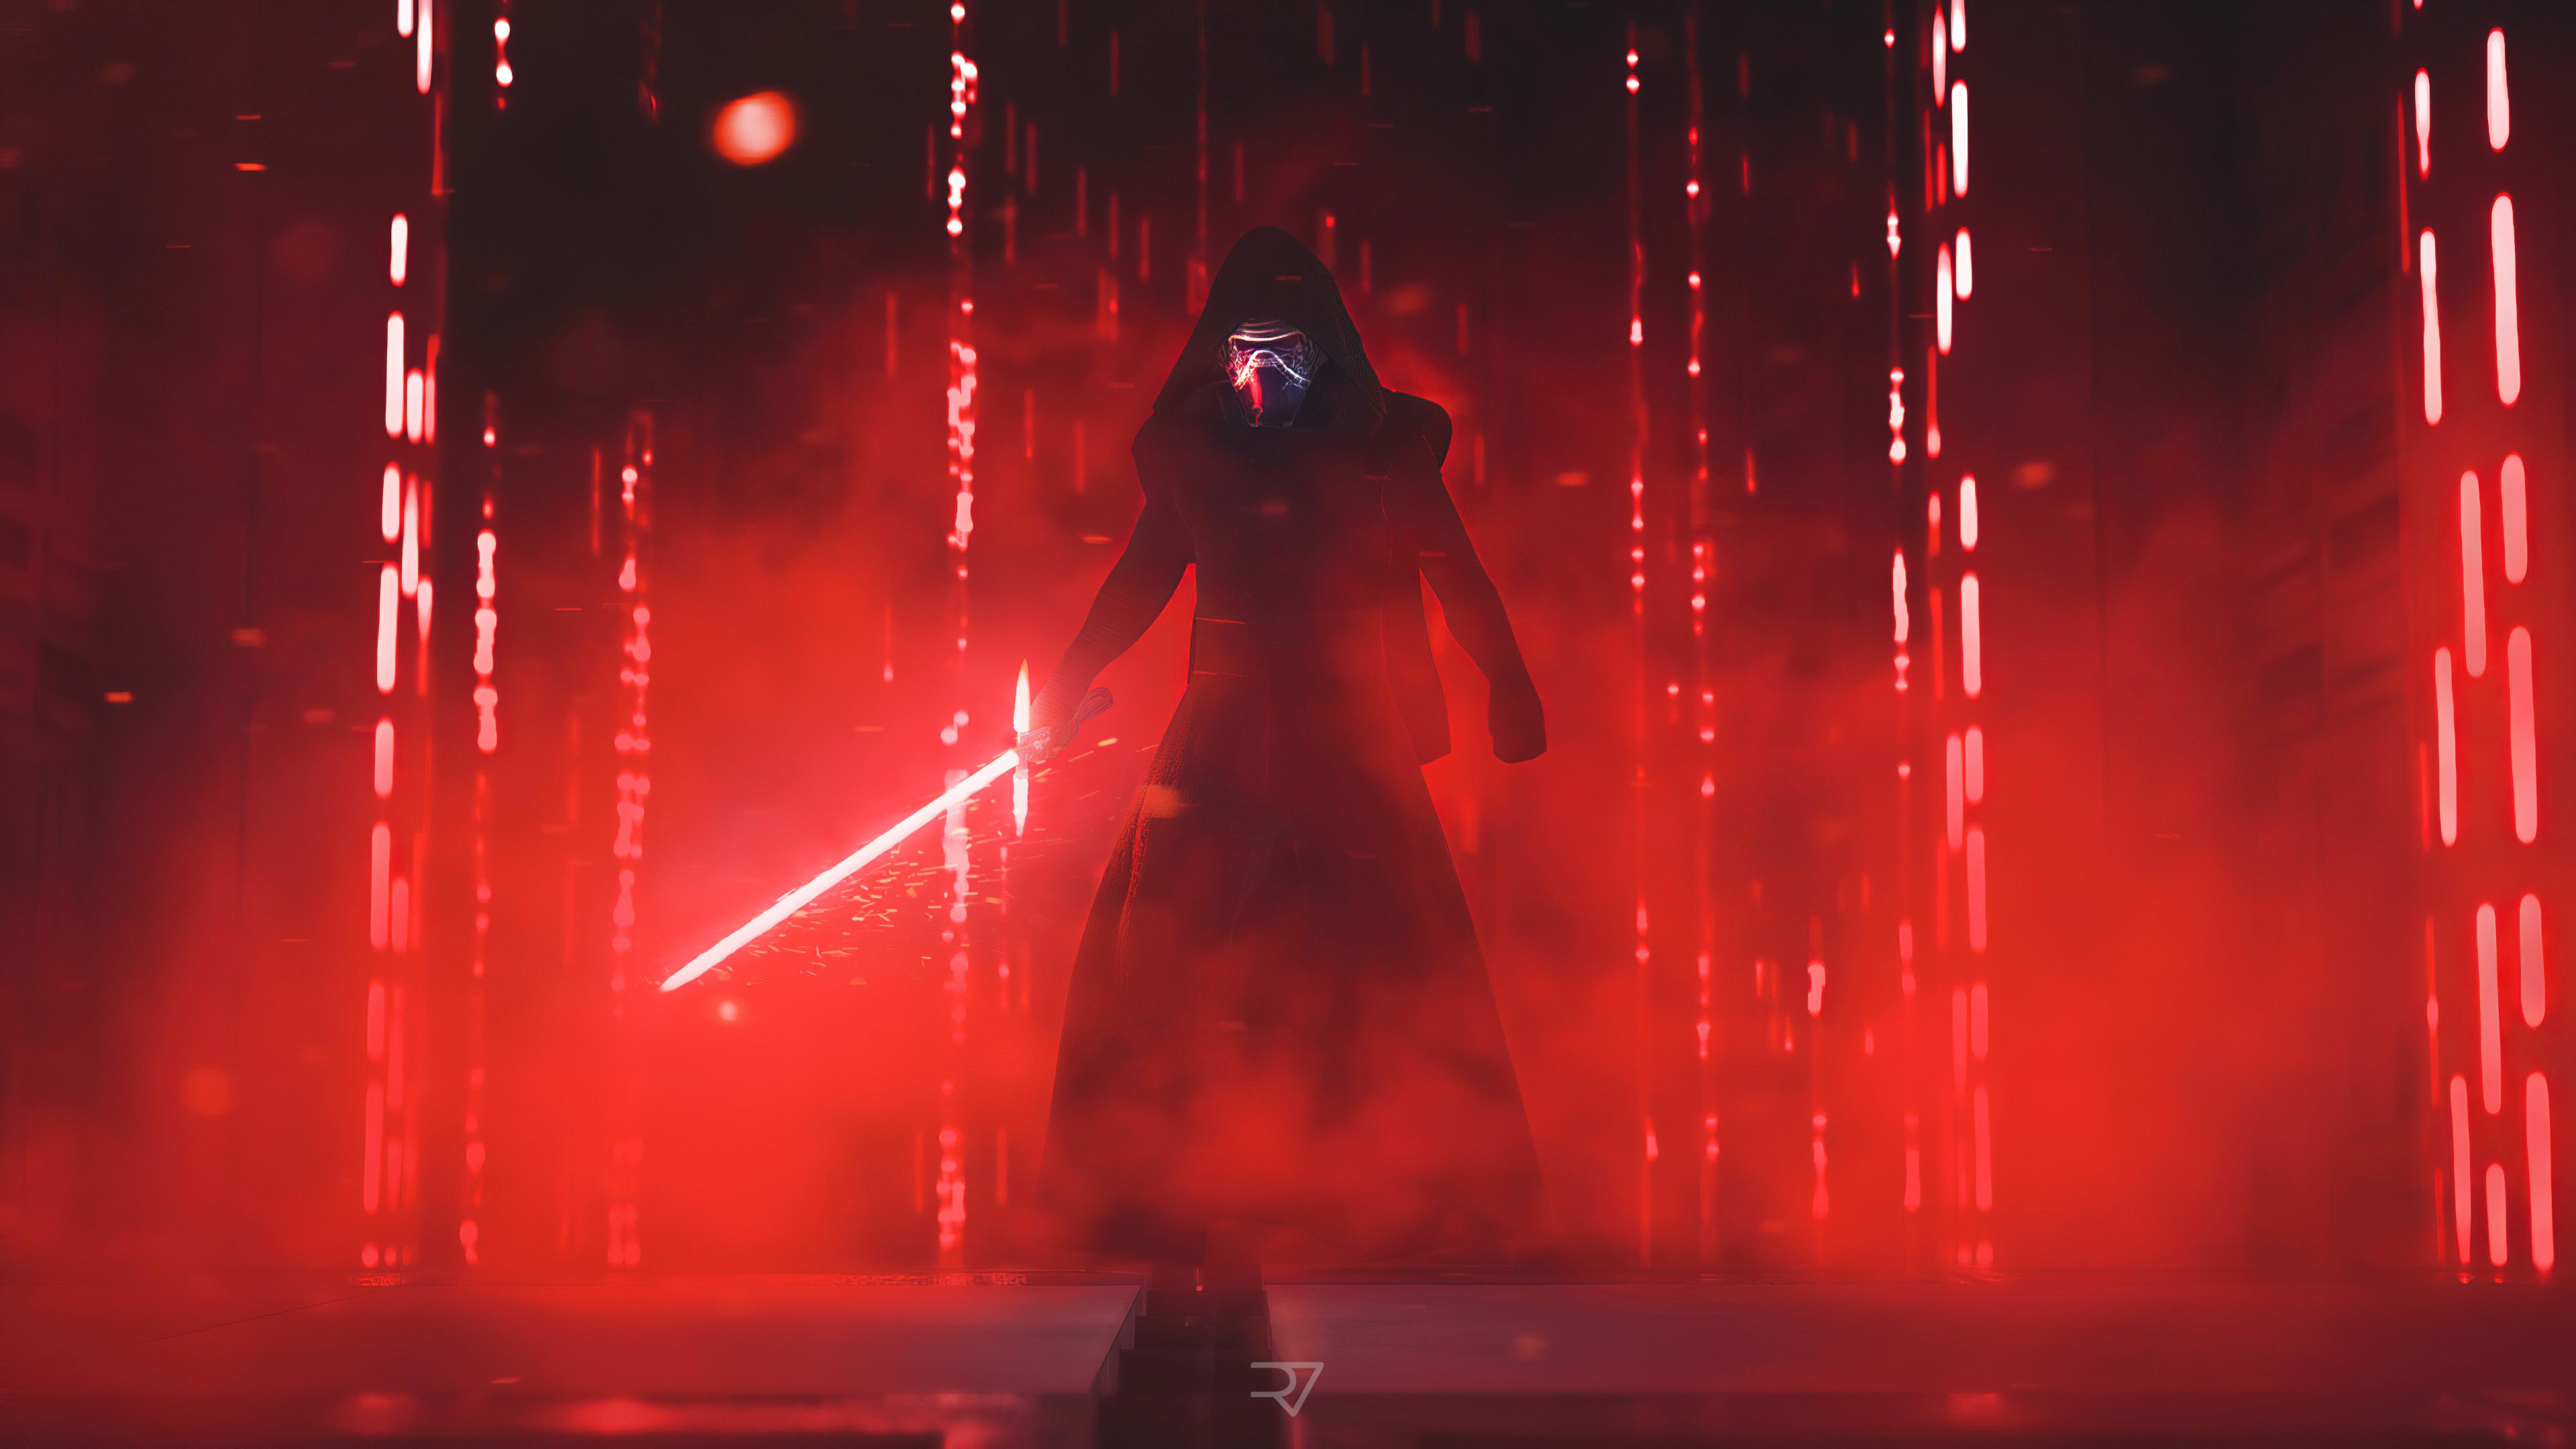 Wallpaper 4k Darth Vader 2019 4k Wallpapers Darth Vader